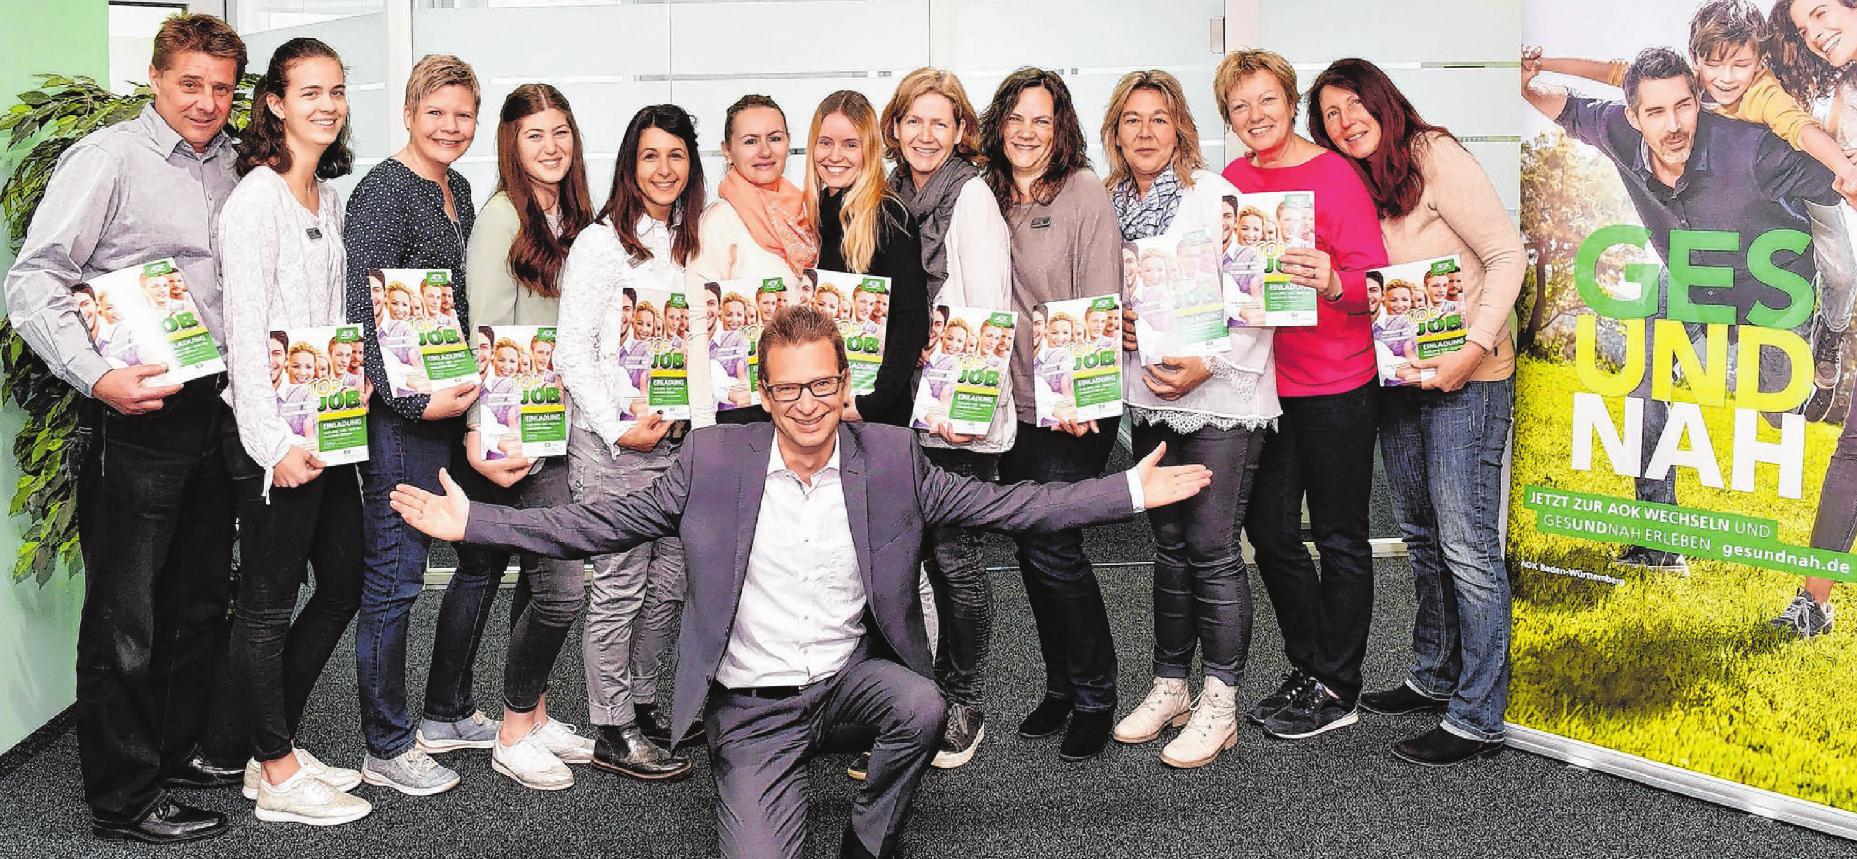 Markus Schirmer, der Leiter des Ehinger AOK-Kundencenters, und sein freundliches Team setzen auf Kundennähe. Fotos: Emmenlauer